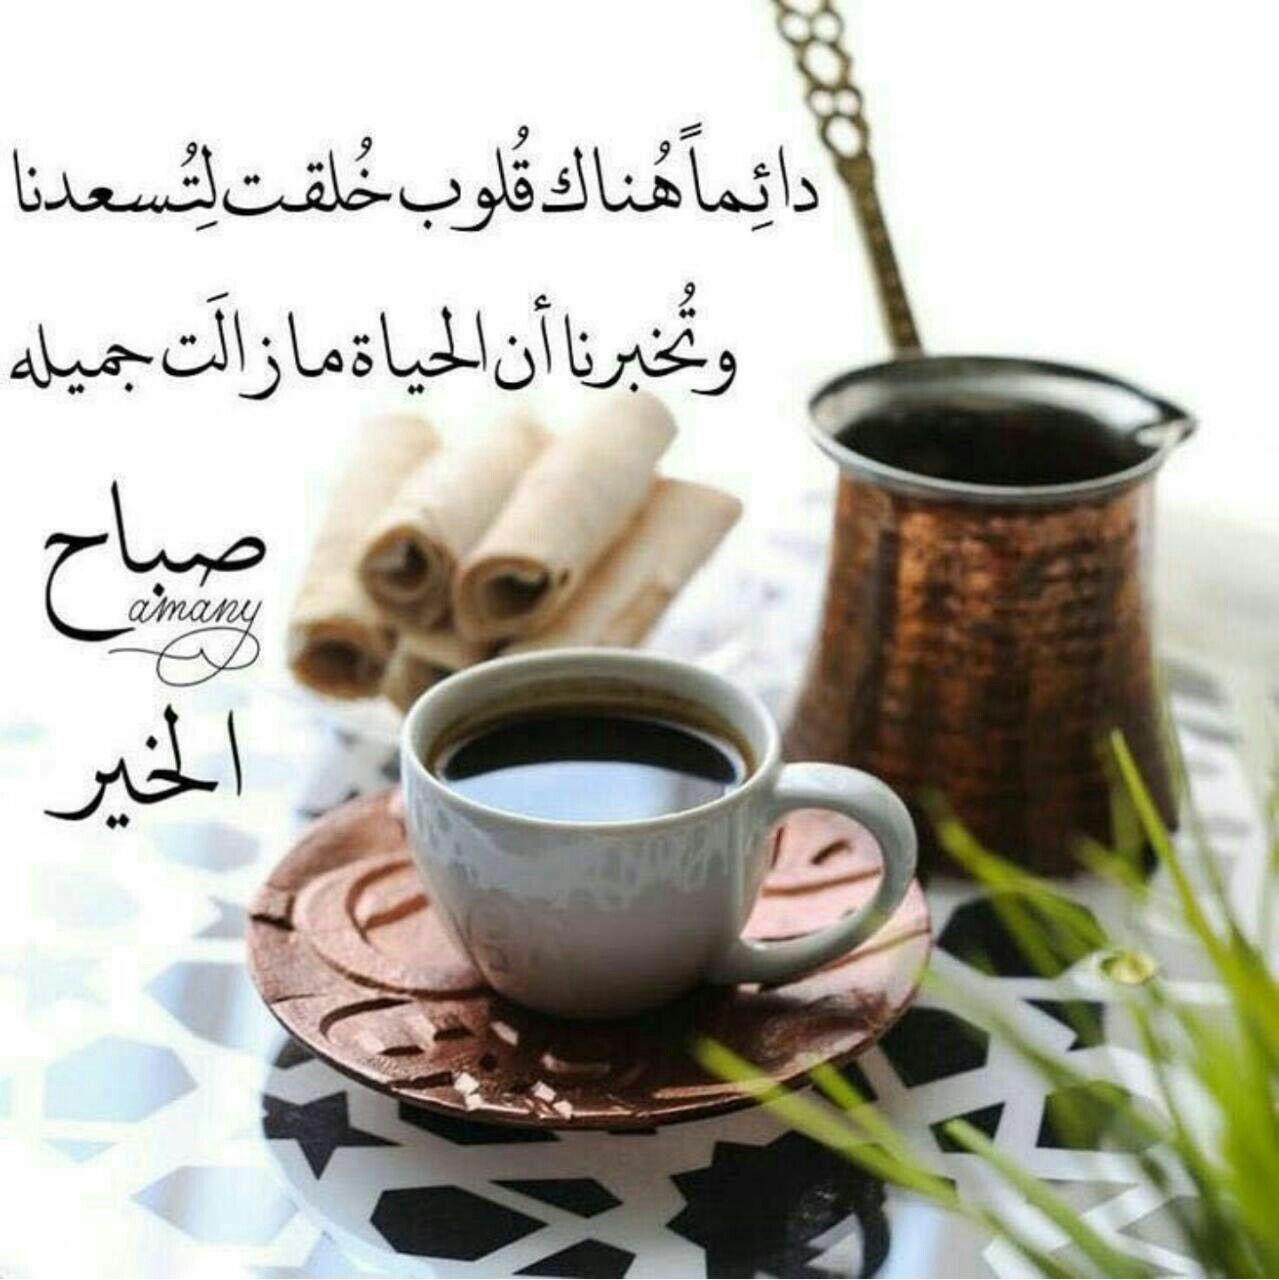 Открытка на арабском доброе утро, открытки поздравительные открытки